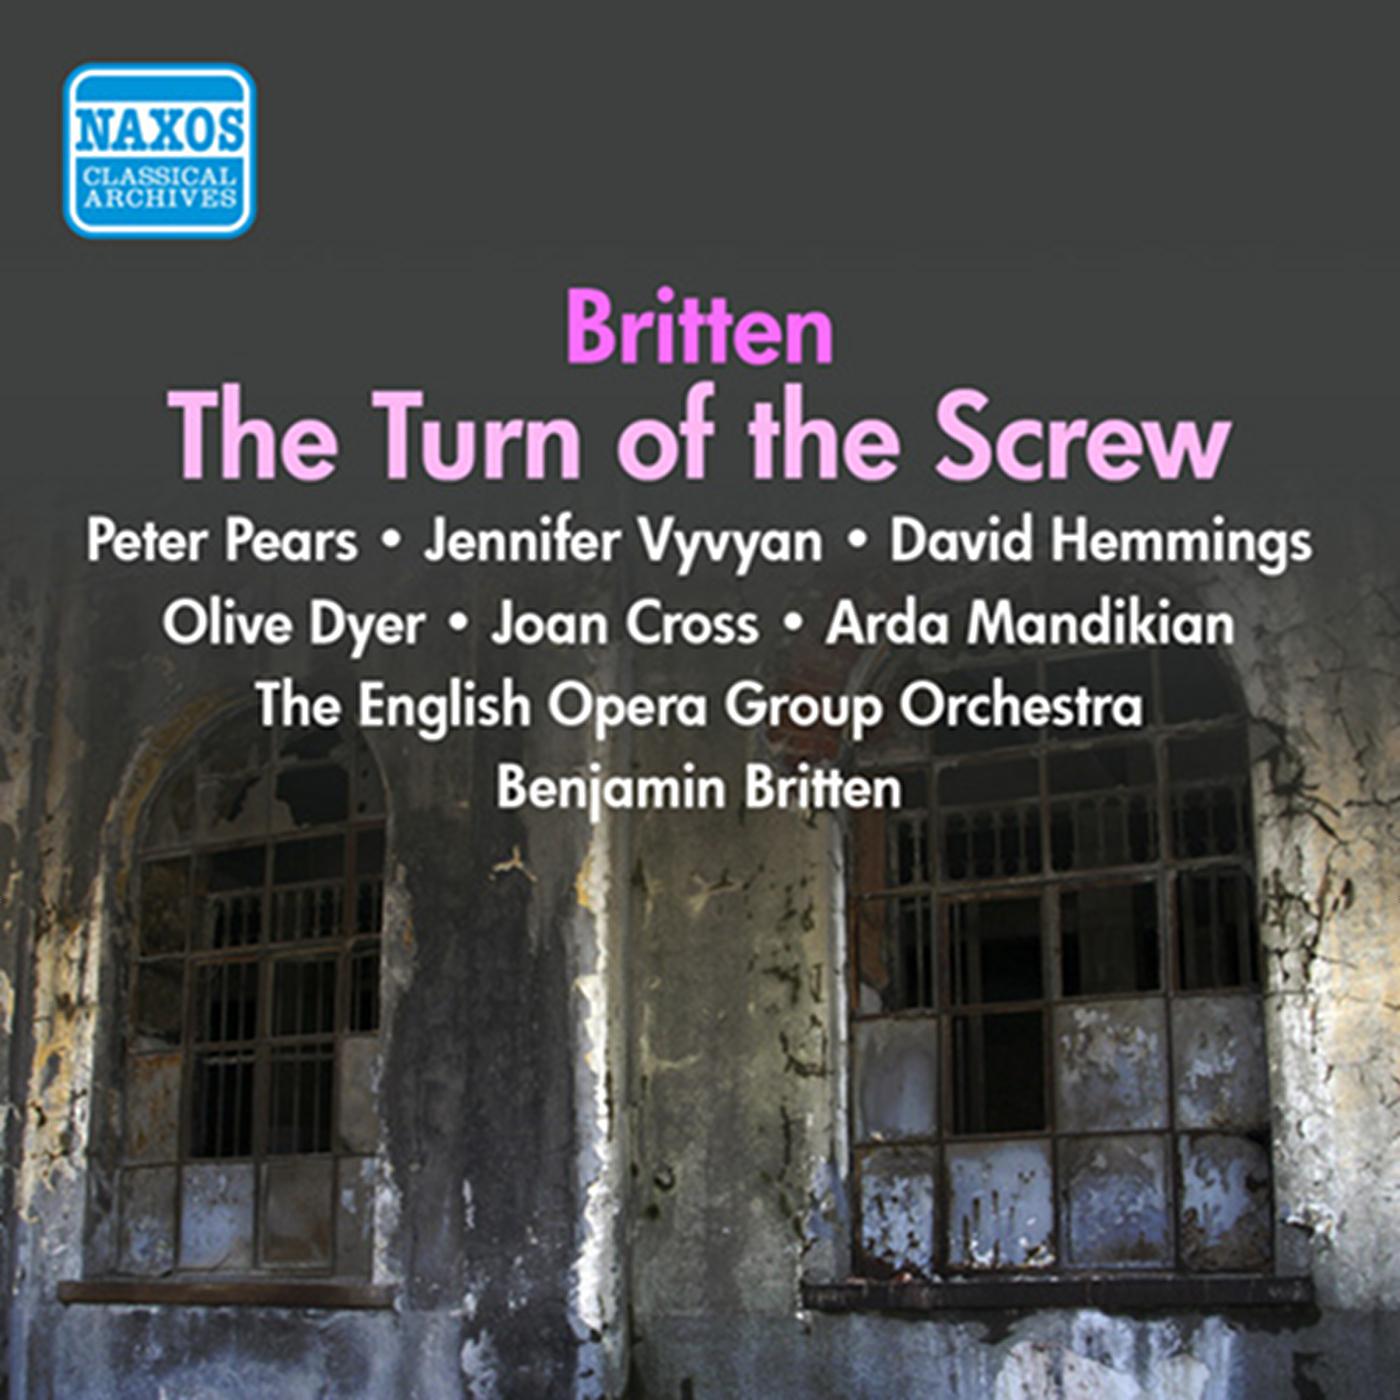 BRITTEN: Turn of the Screw (The) (Britten) (1955) Classical